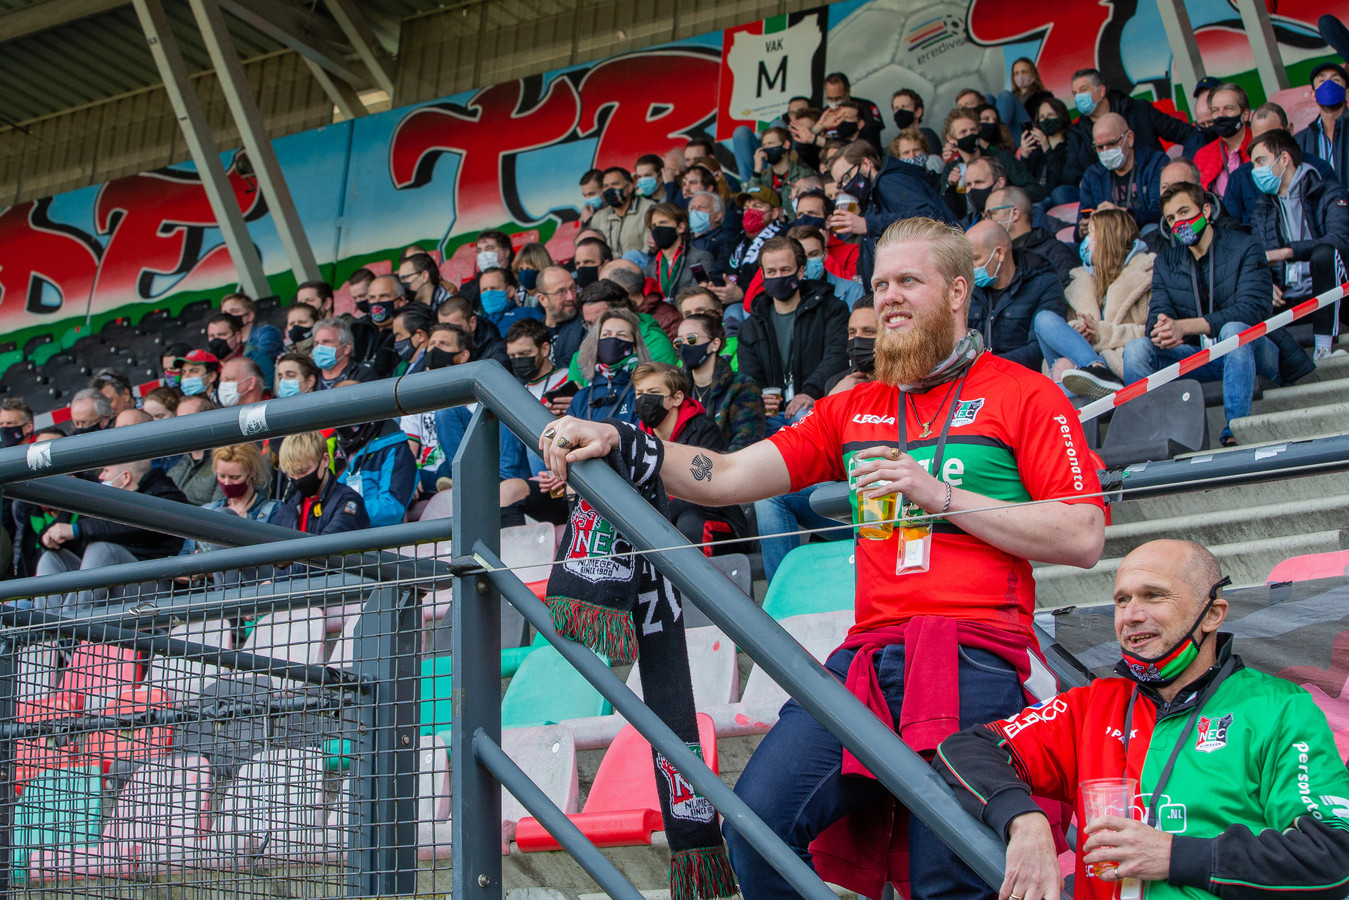 Voor het eerst waren er weer fans welkom bij een voetbalwedstrijd van NEC. De club verkeert in noodweer volgens algemeen directeur Wilco van Schaik.